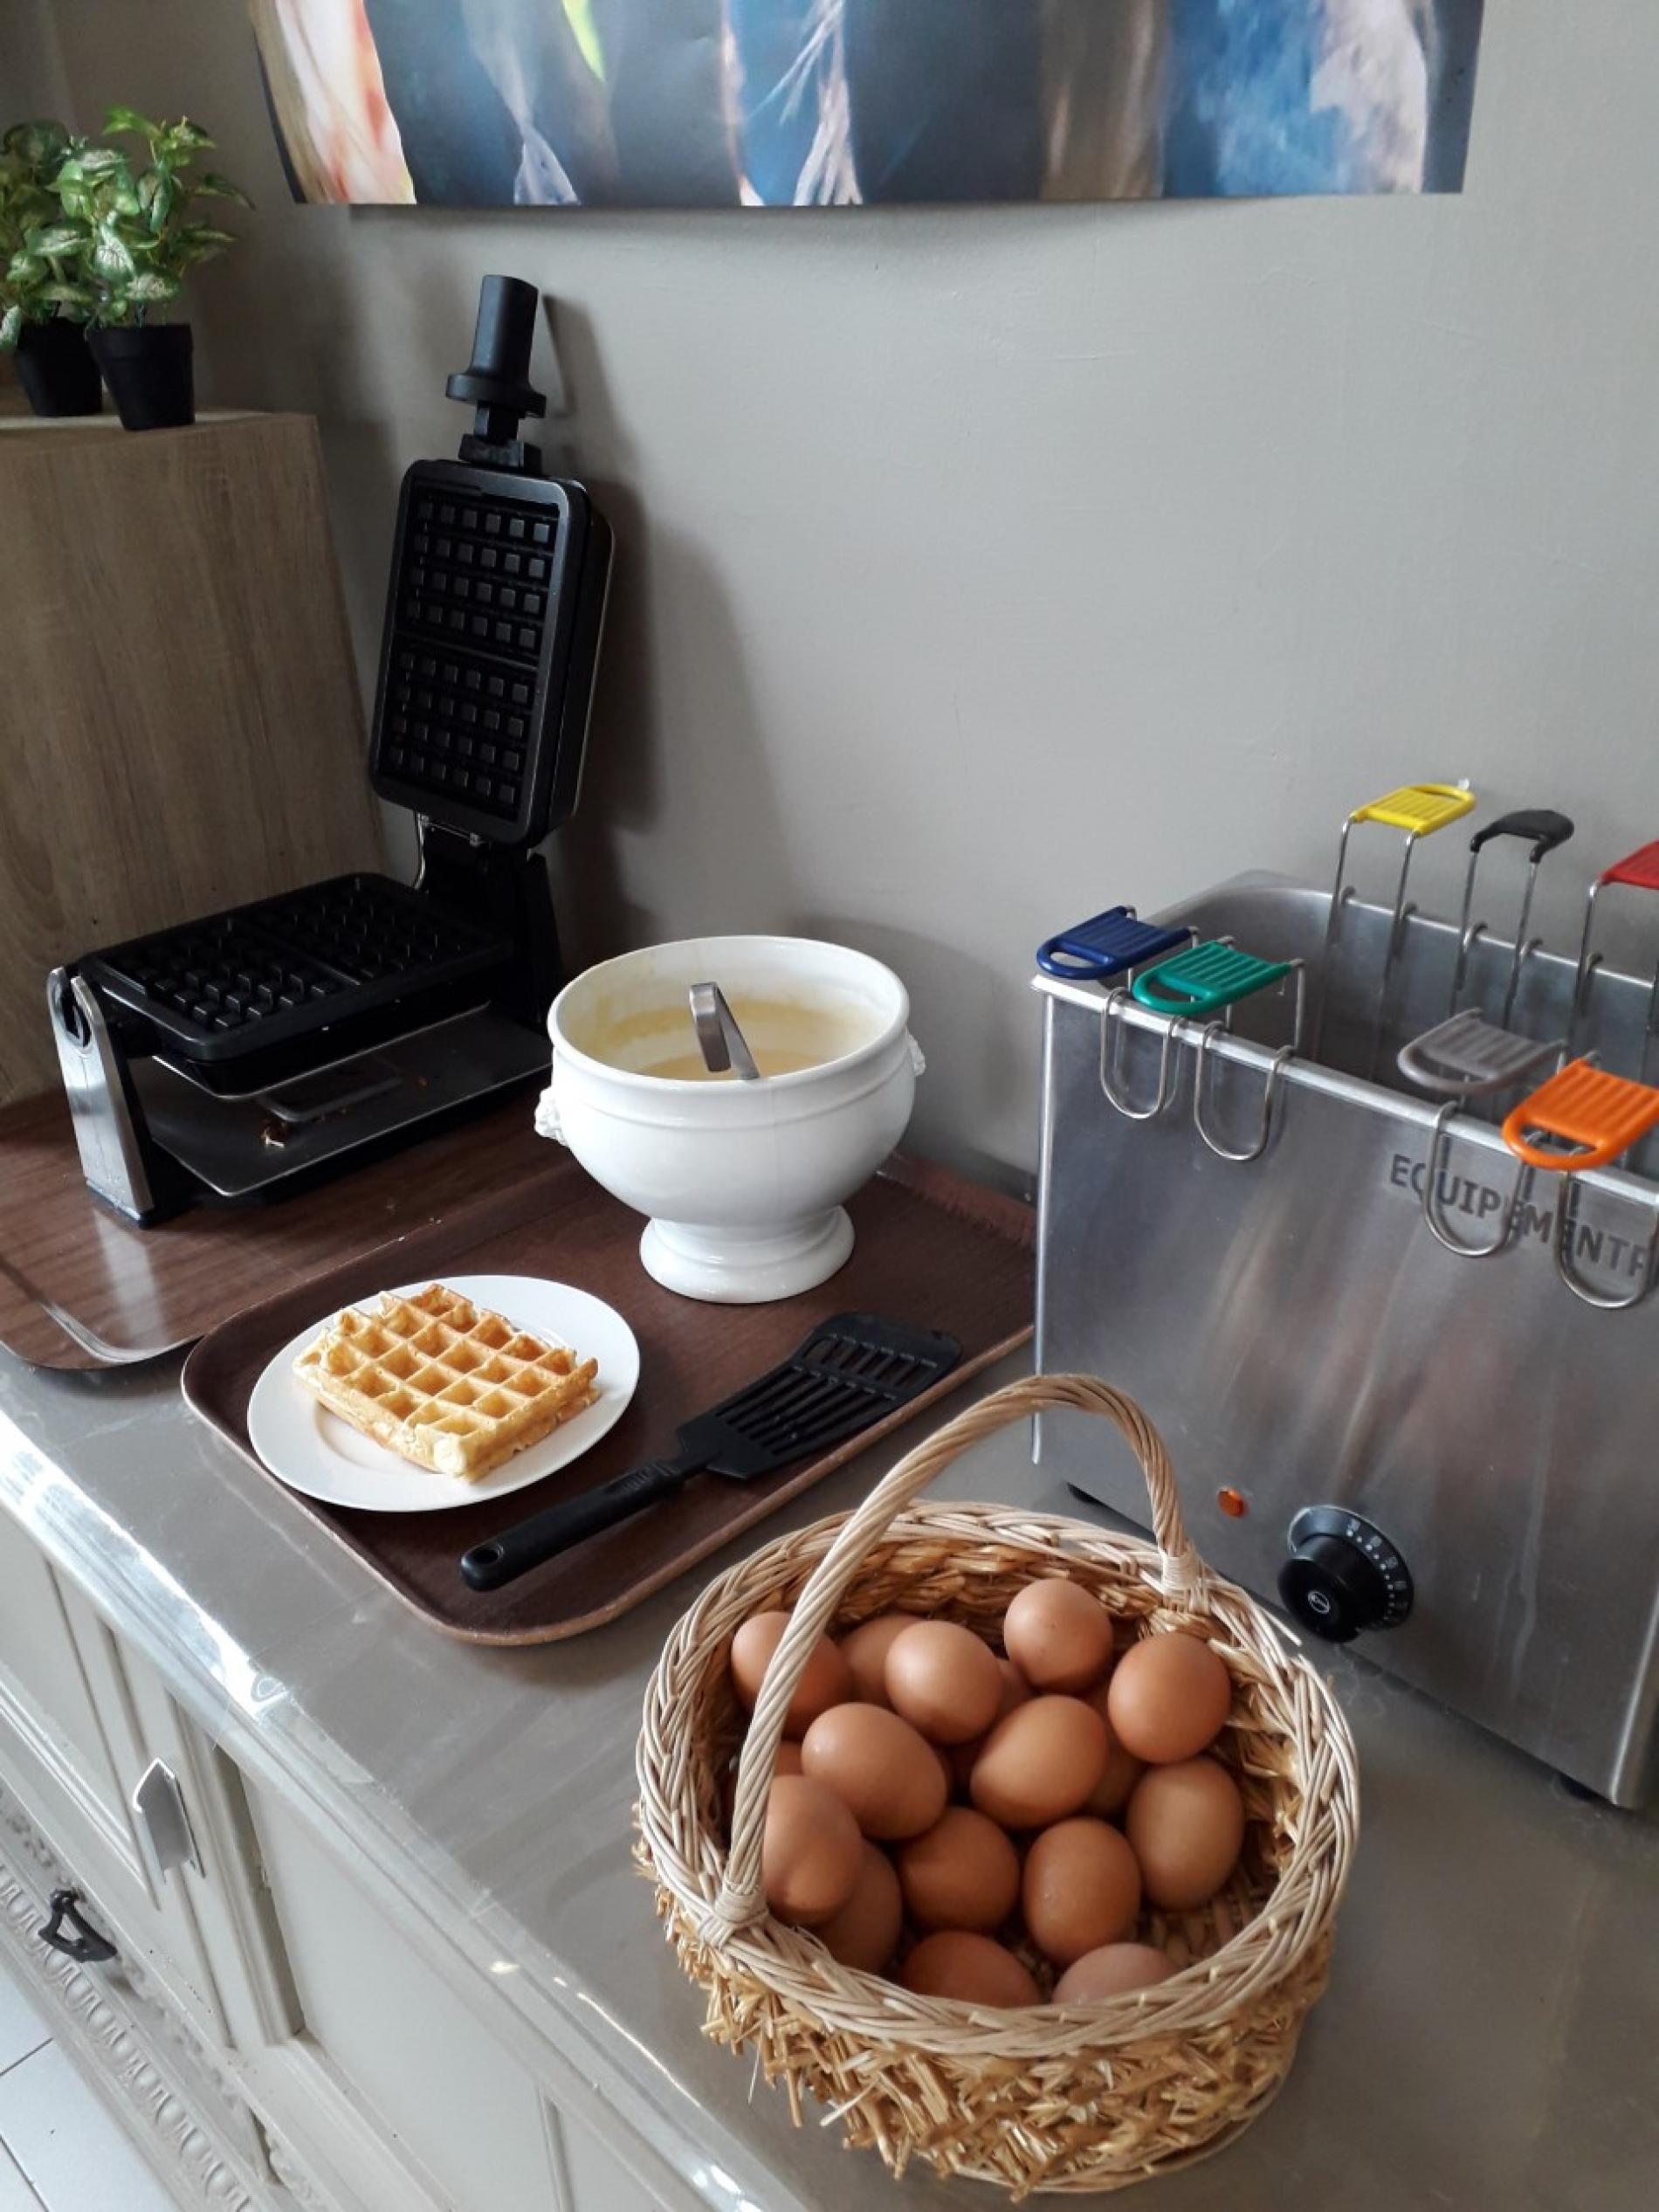 Gaufres et œufs frais